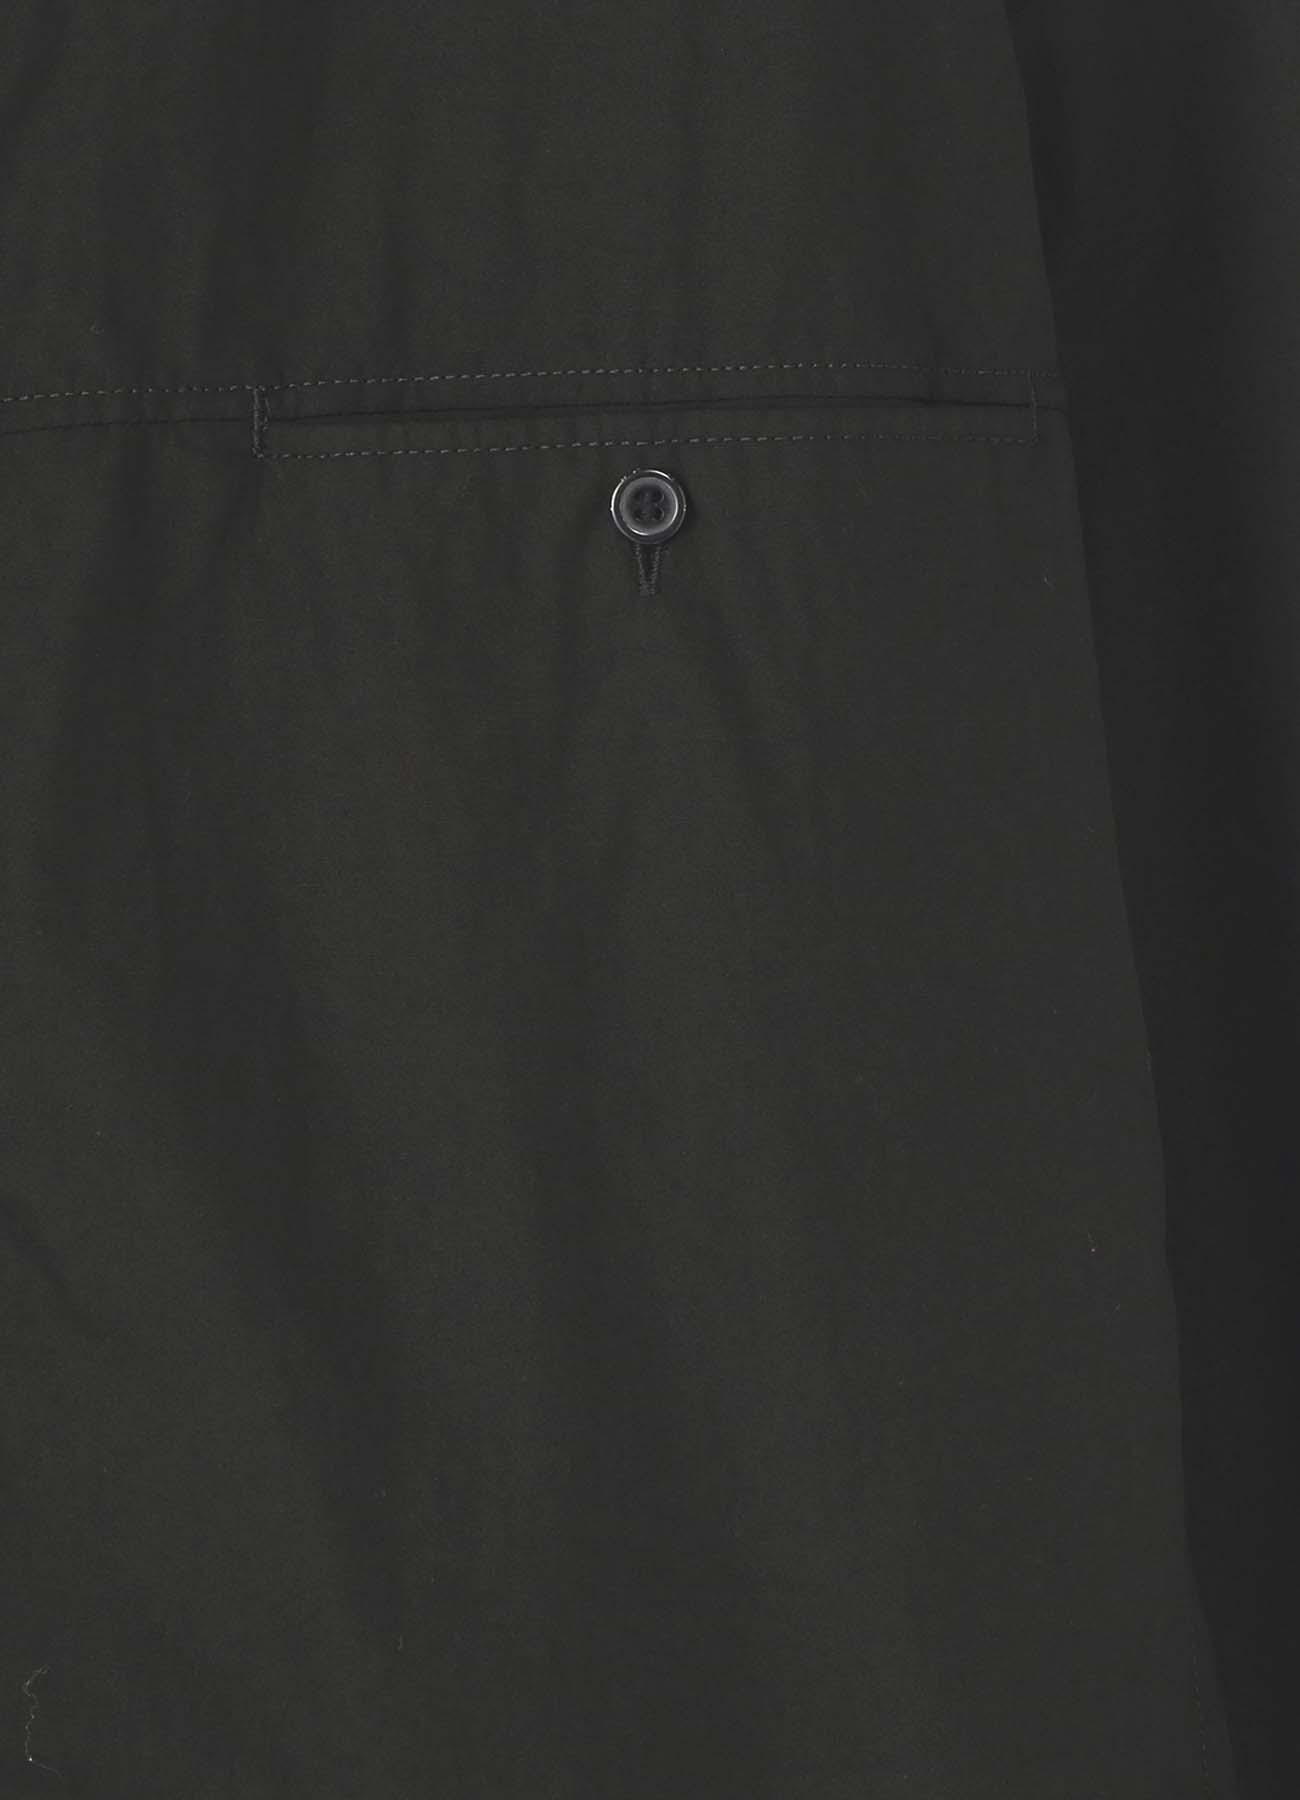 環縫いブロード 胸切替ポケットブラウス